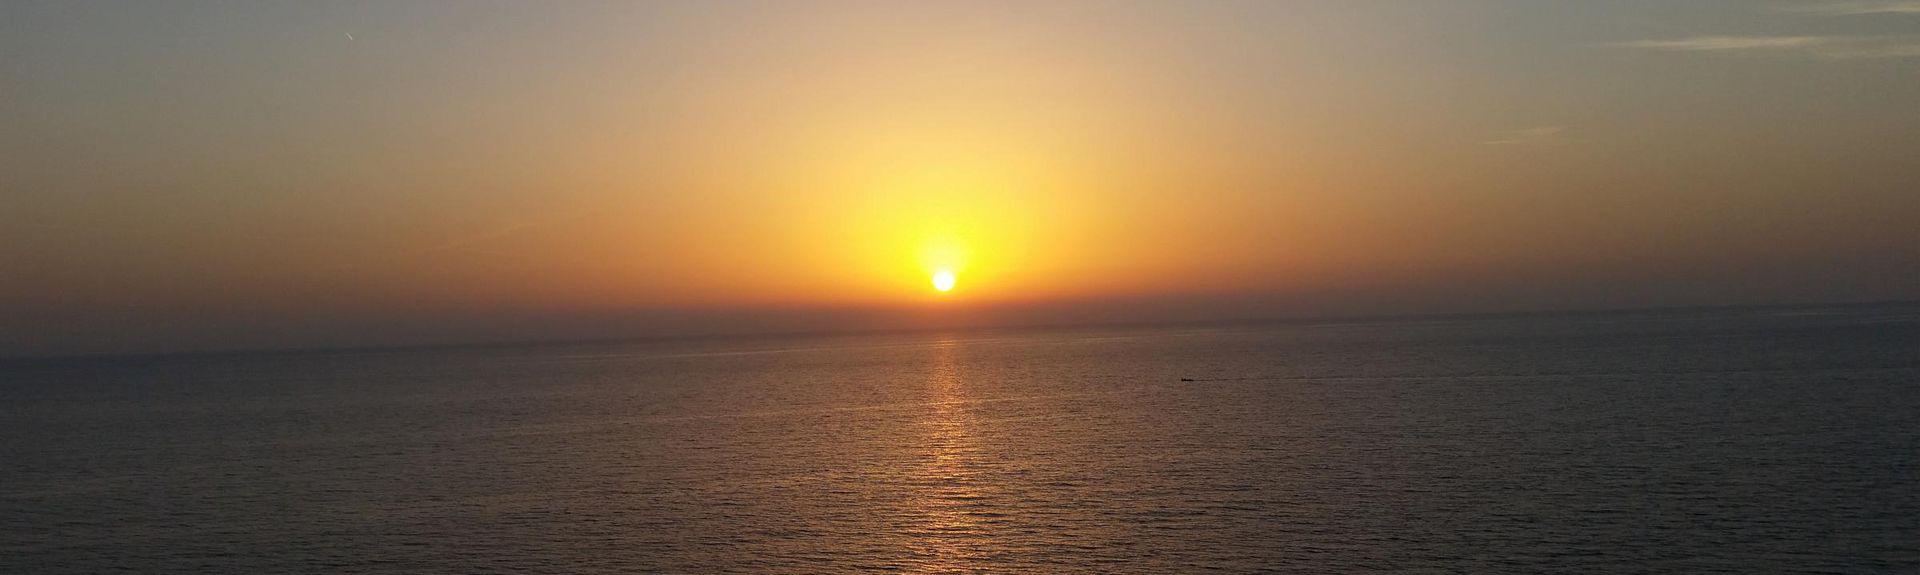 Glyfada, Corfu, Ionian Islands, Greece